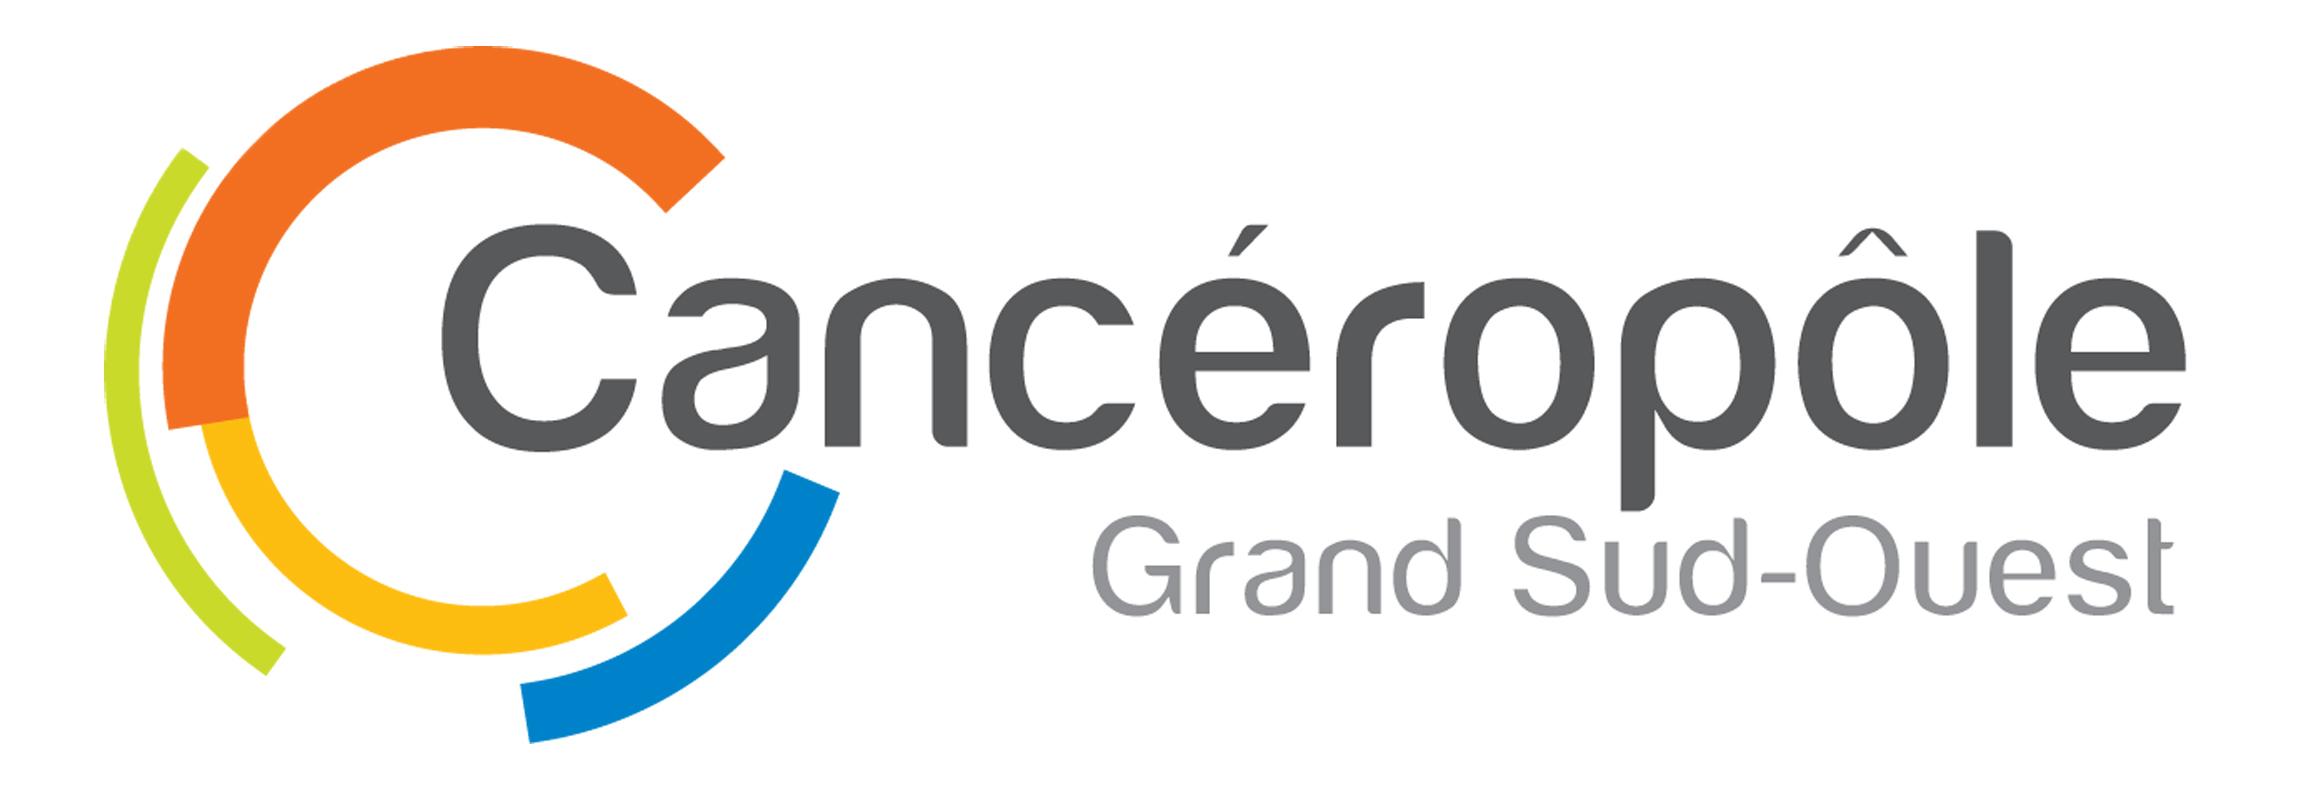 Canceropole_GSO_logo.jpg